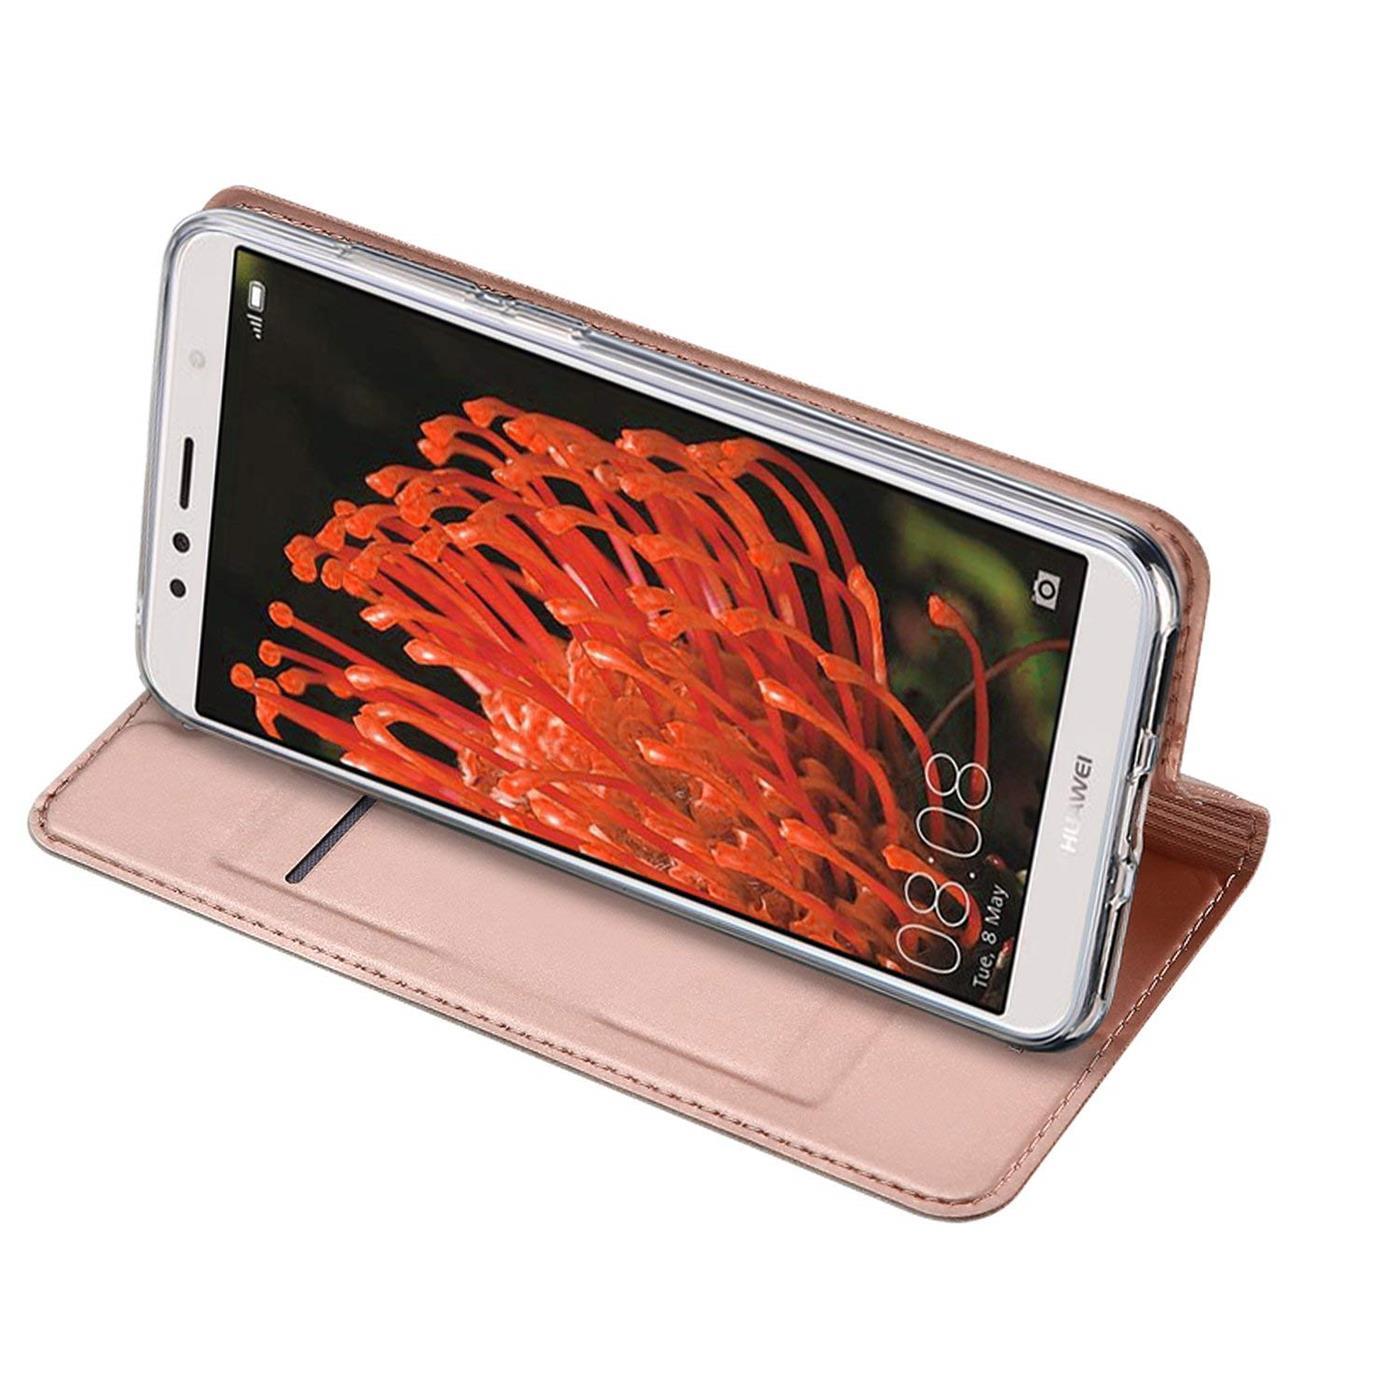 Handy-Huelle-Huawei-Y5-2018-Book-Case-Schutzhuelle-Tasche-Slim-Flip-Cover-Etui Indexbild 16